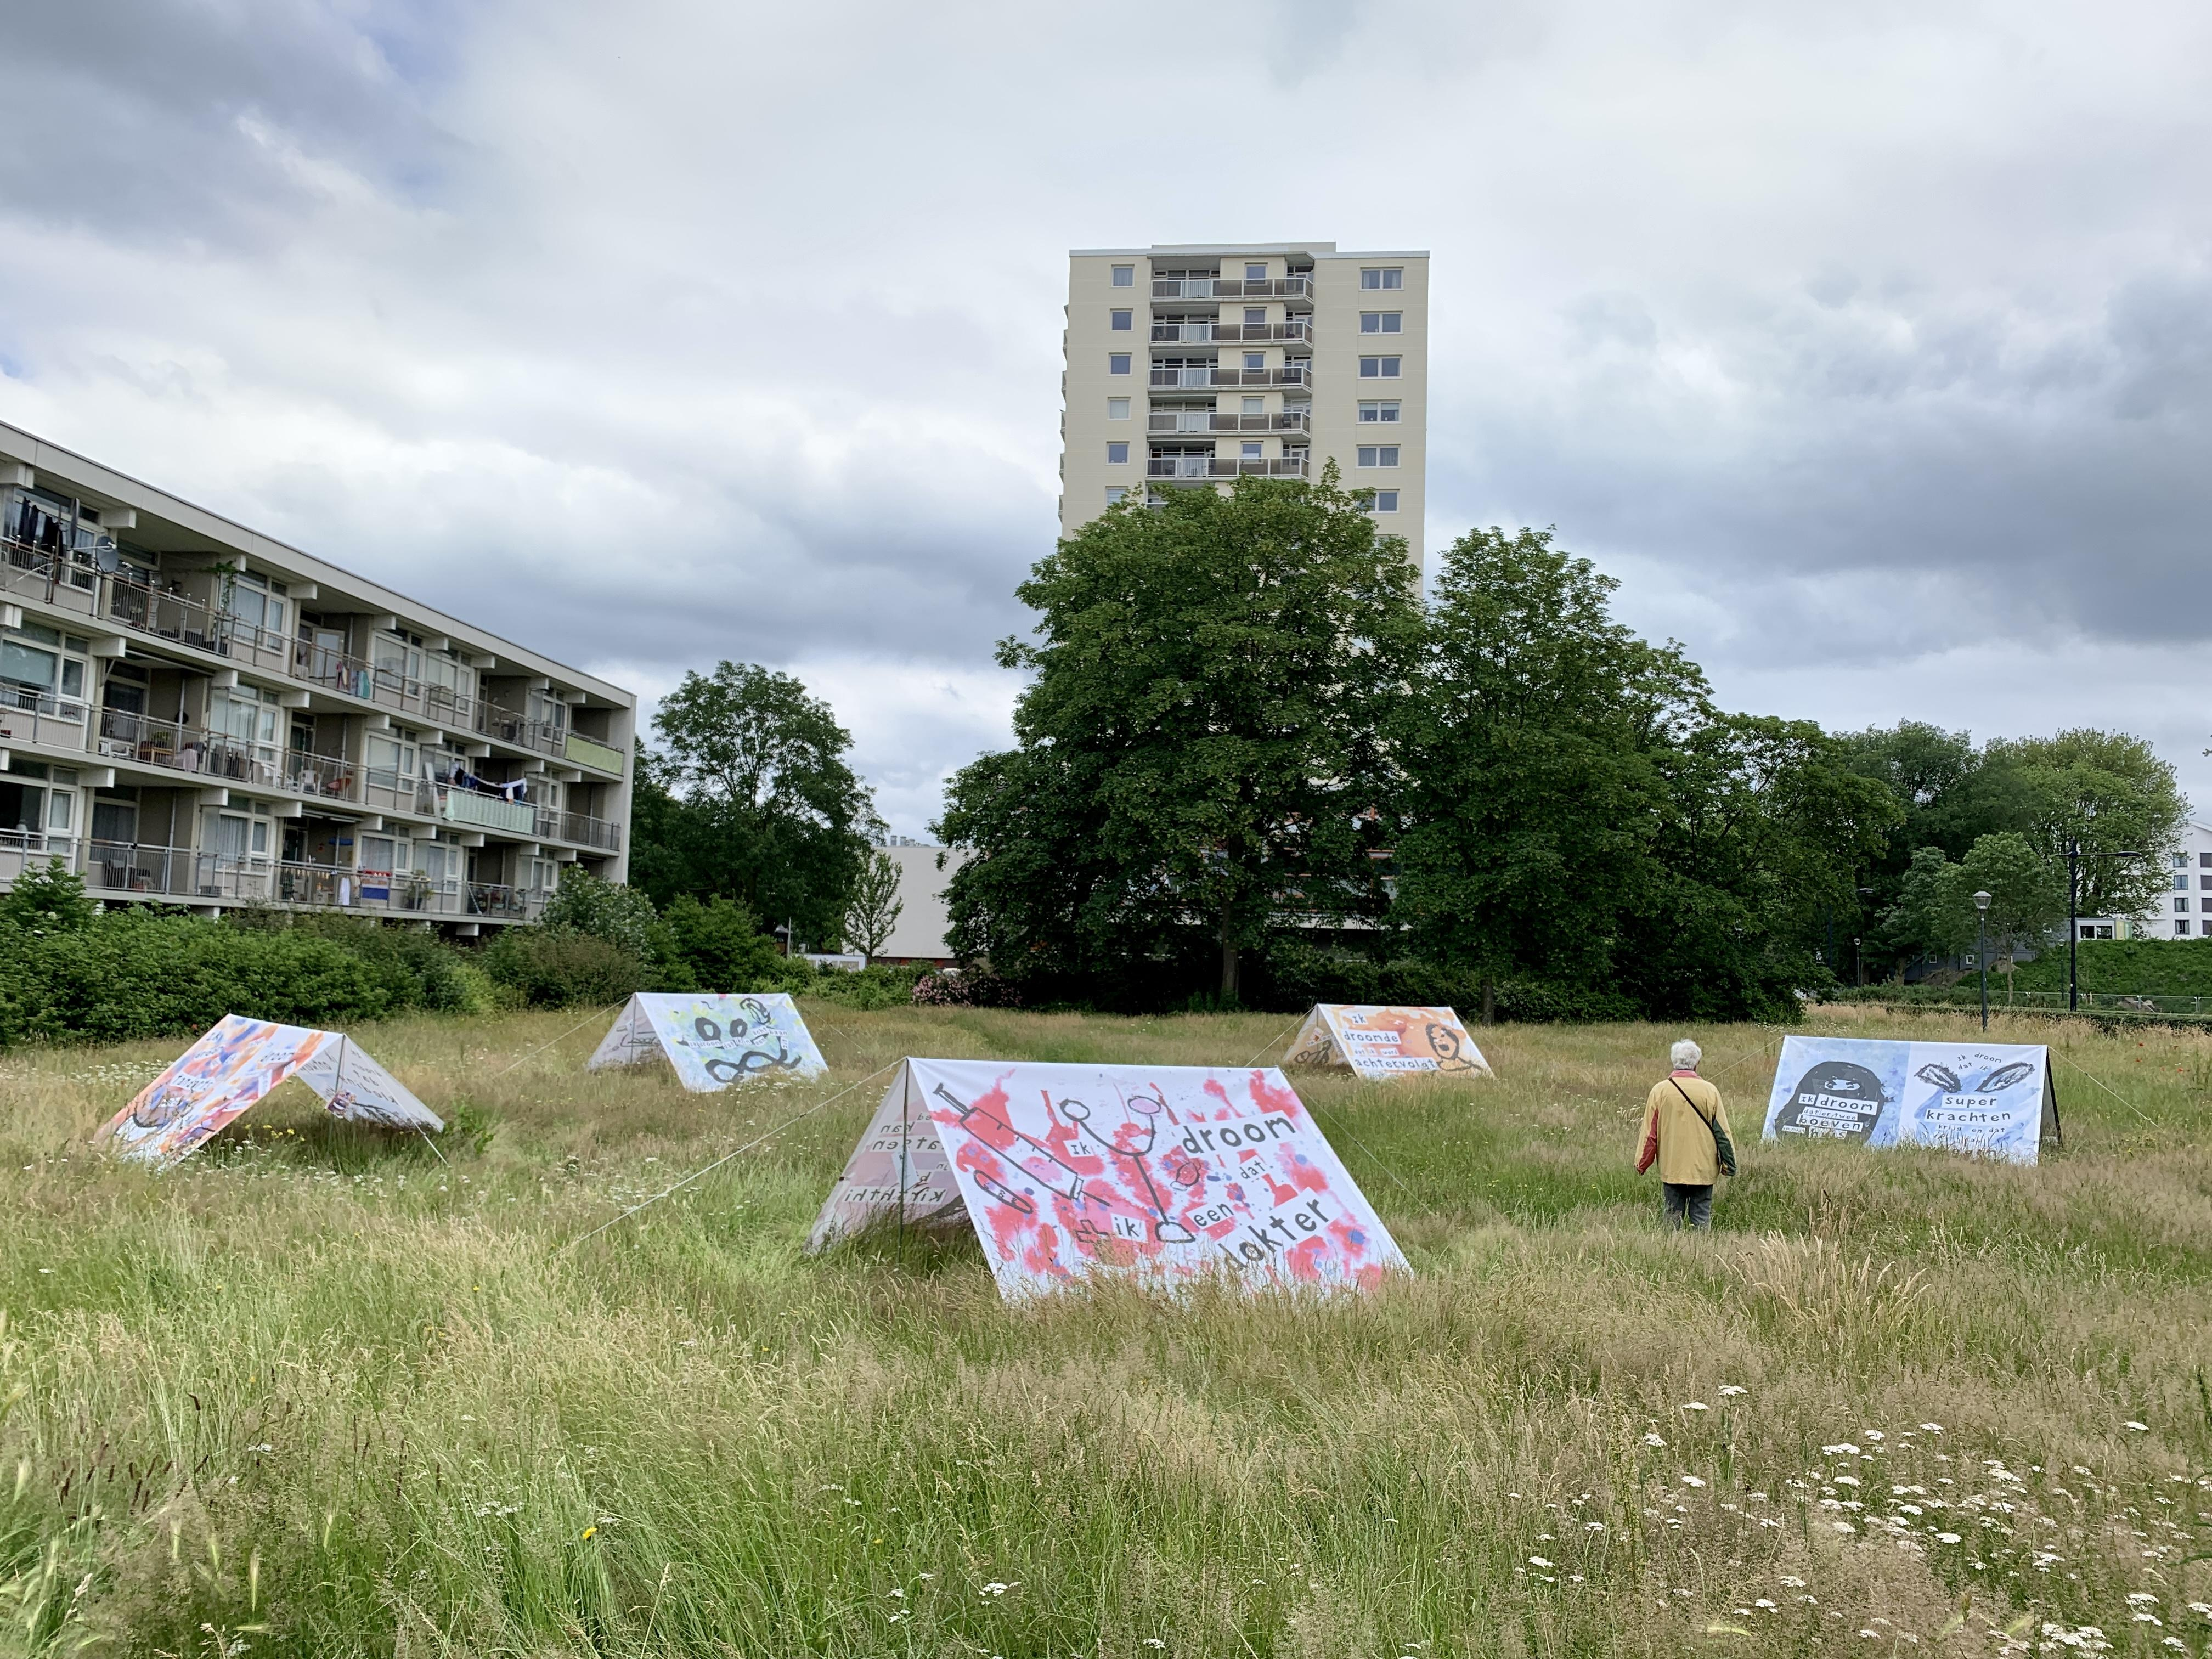 Kunstroute Het ongeziene gezien van start in Schalkwijk